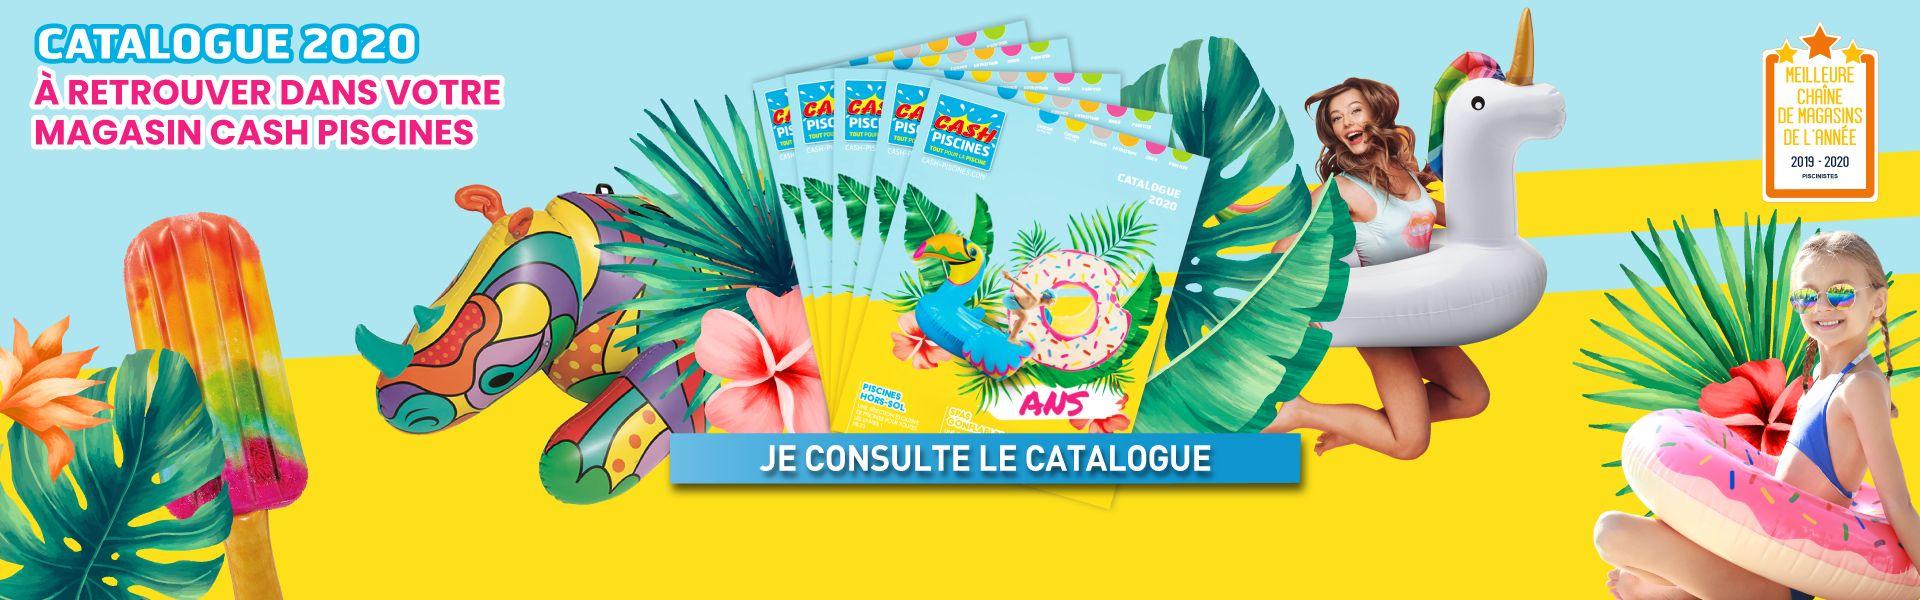 Cash Piscines - Tout Pour La Piscine & Spas Gonflables ... dedans Cash Piscine Beziers